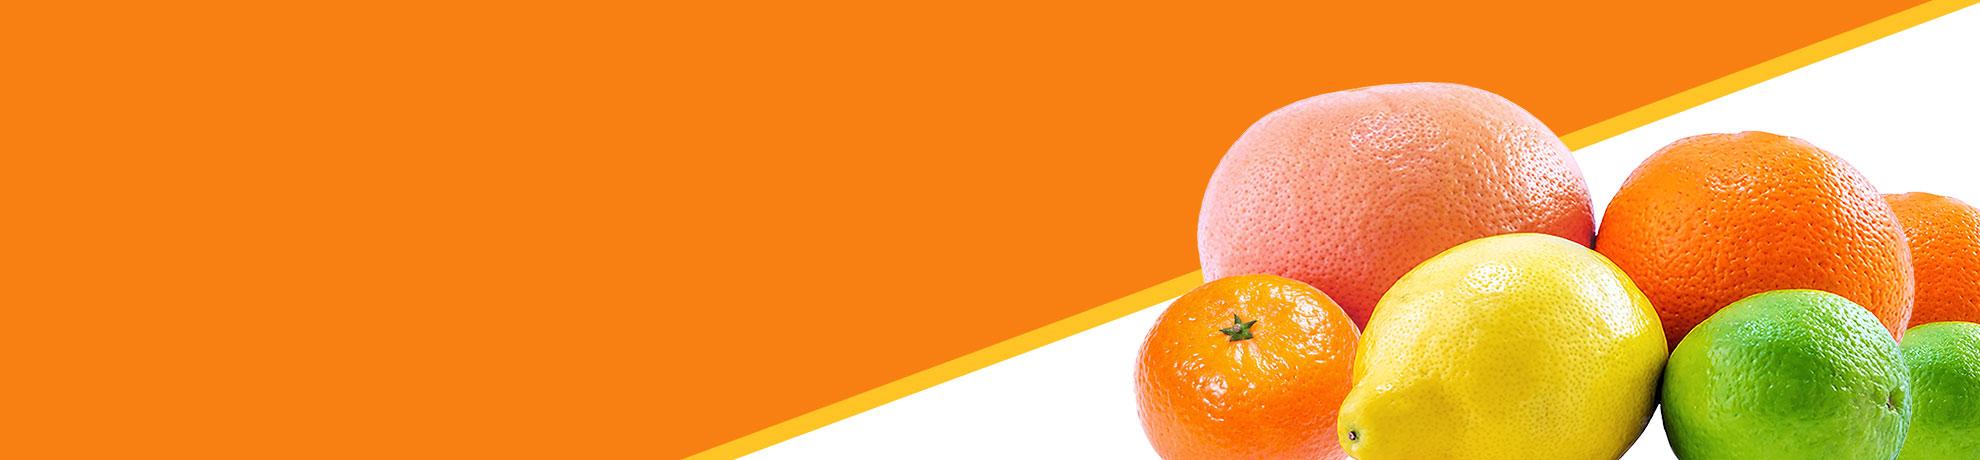 Trusted Citrus Solutions Advisor